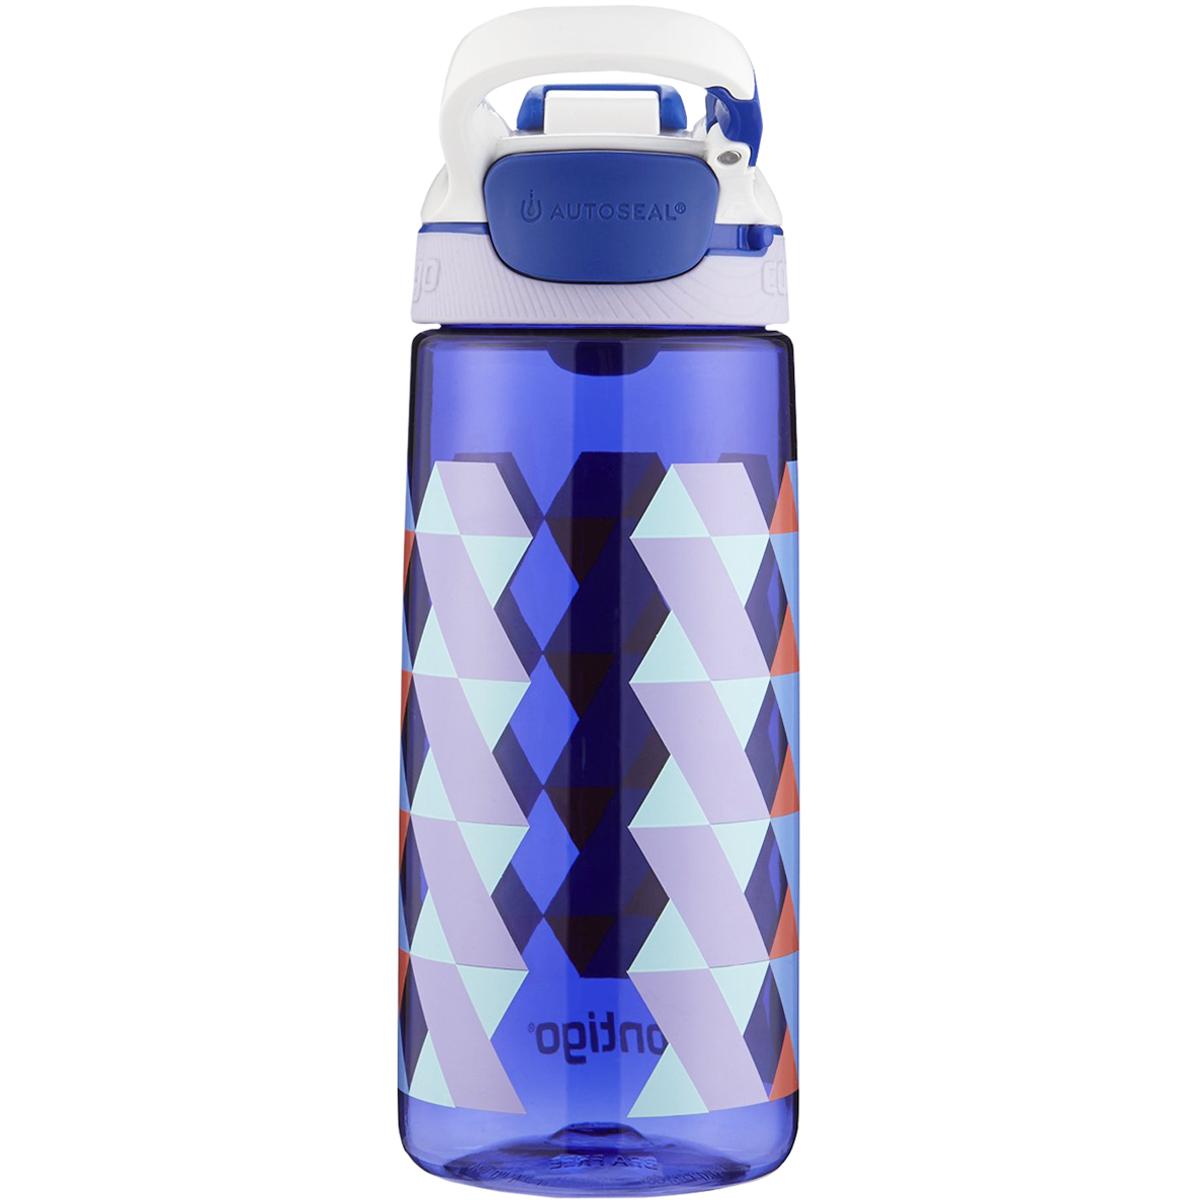 Contigo-20-oz-Kid-039-s-Courtney-AutoSeal-Water-Bottle thumbnail 4